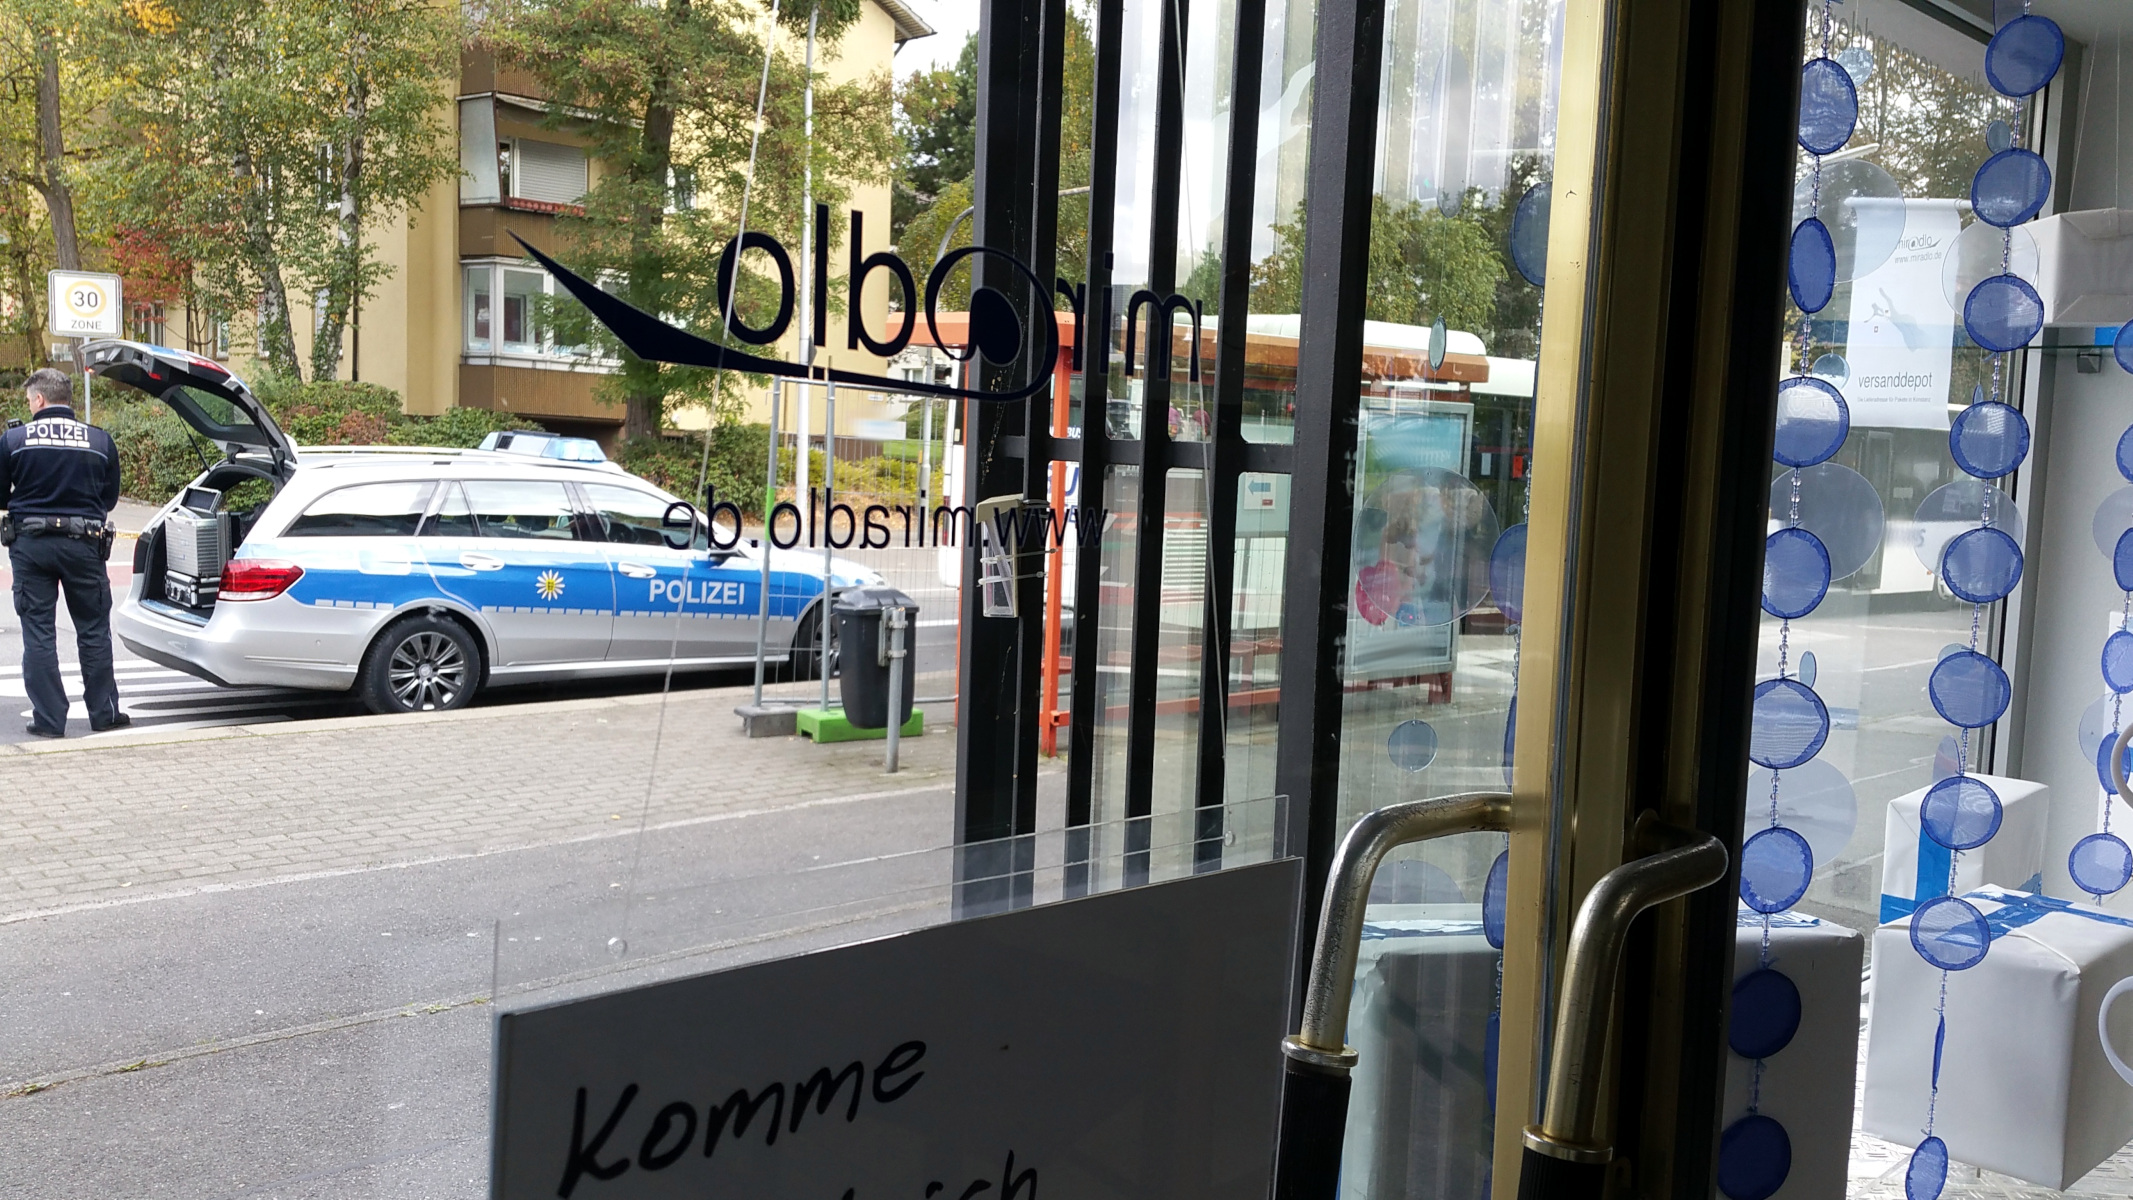 Datenschutz polizei inkasso und miradlo versanddepot for Depot konstanz